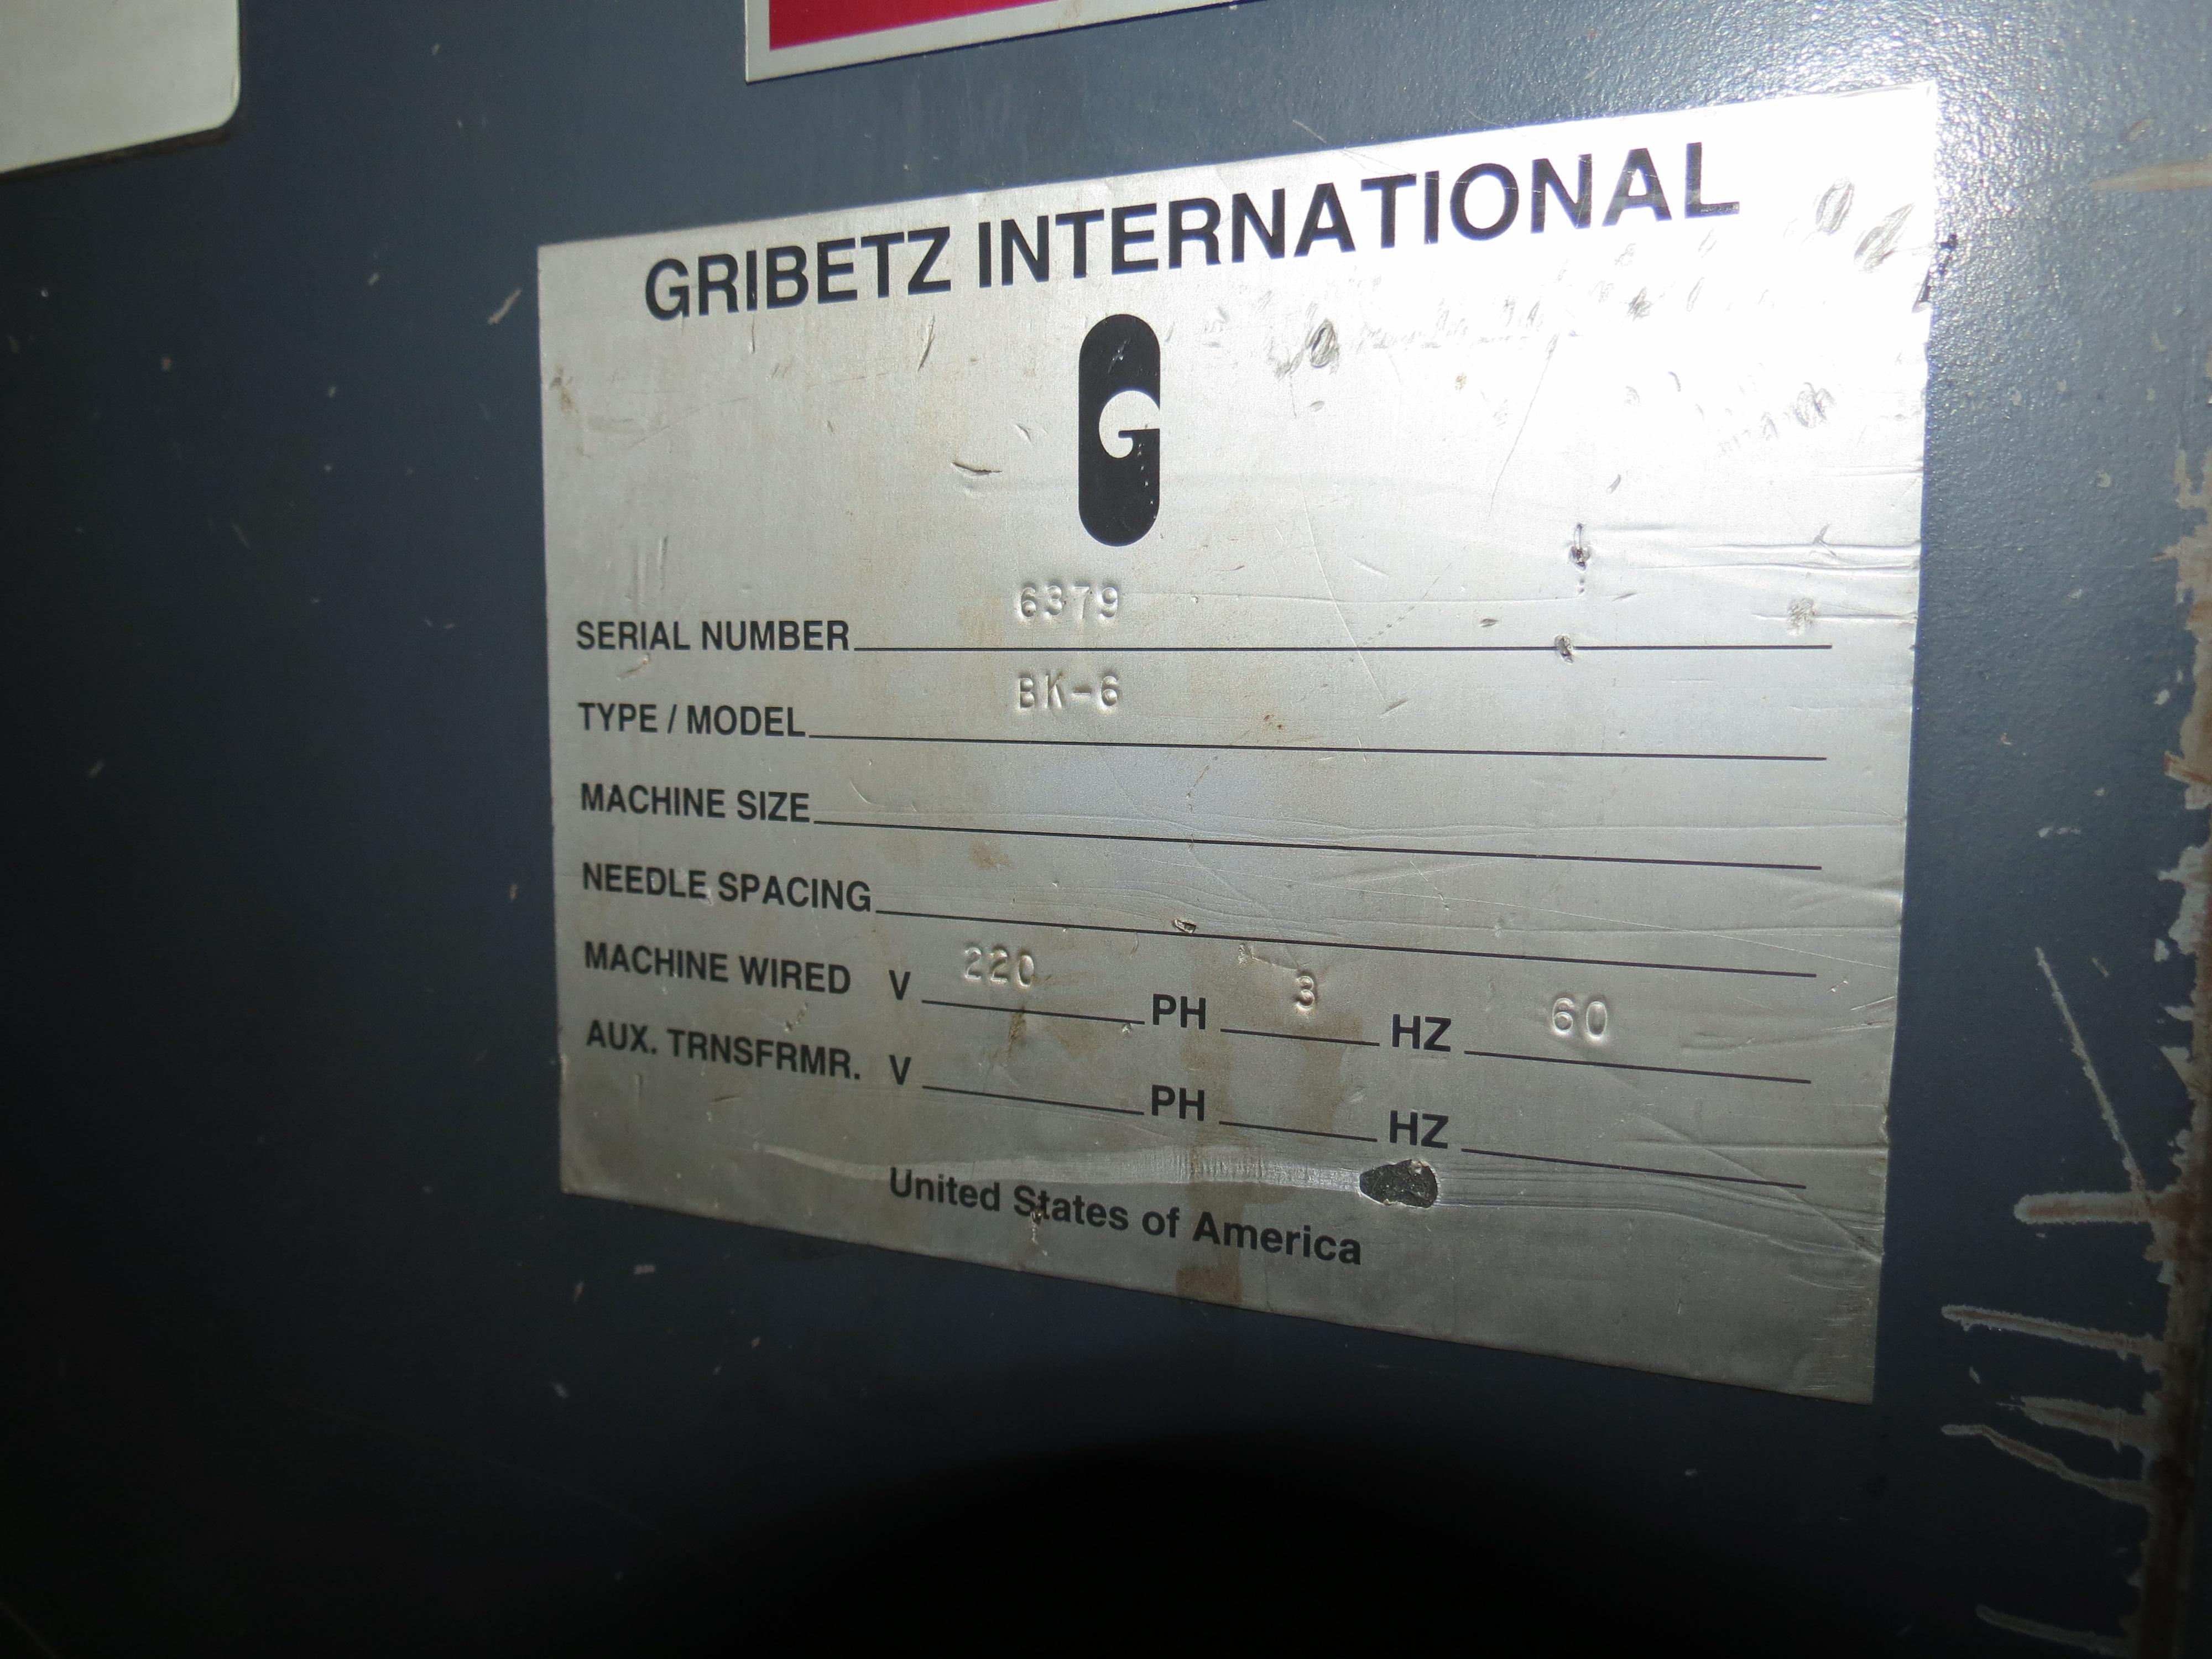 Gribetz International BK-6 Screw Driven Bale Opener, 220V, SN:6379 - Image 4 of 4